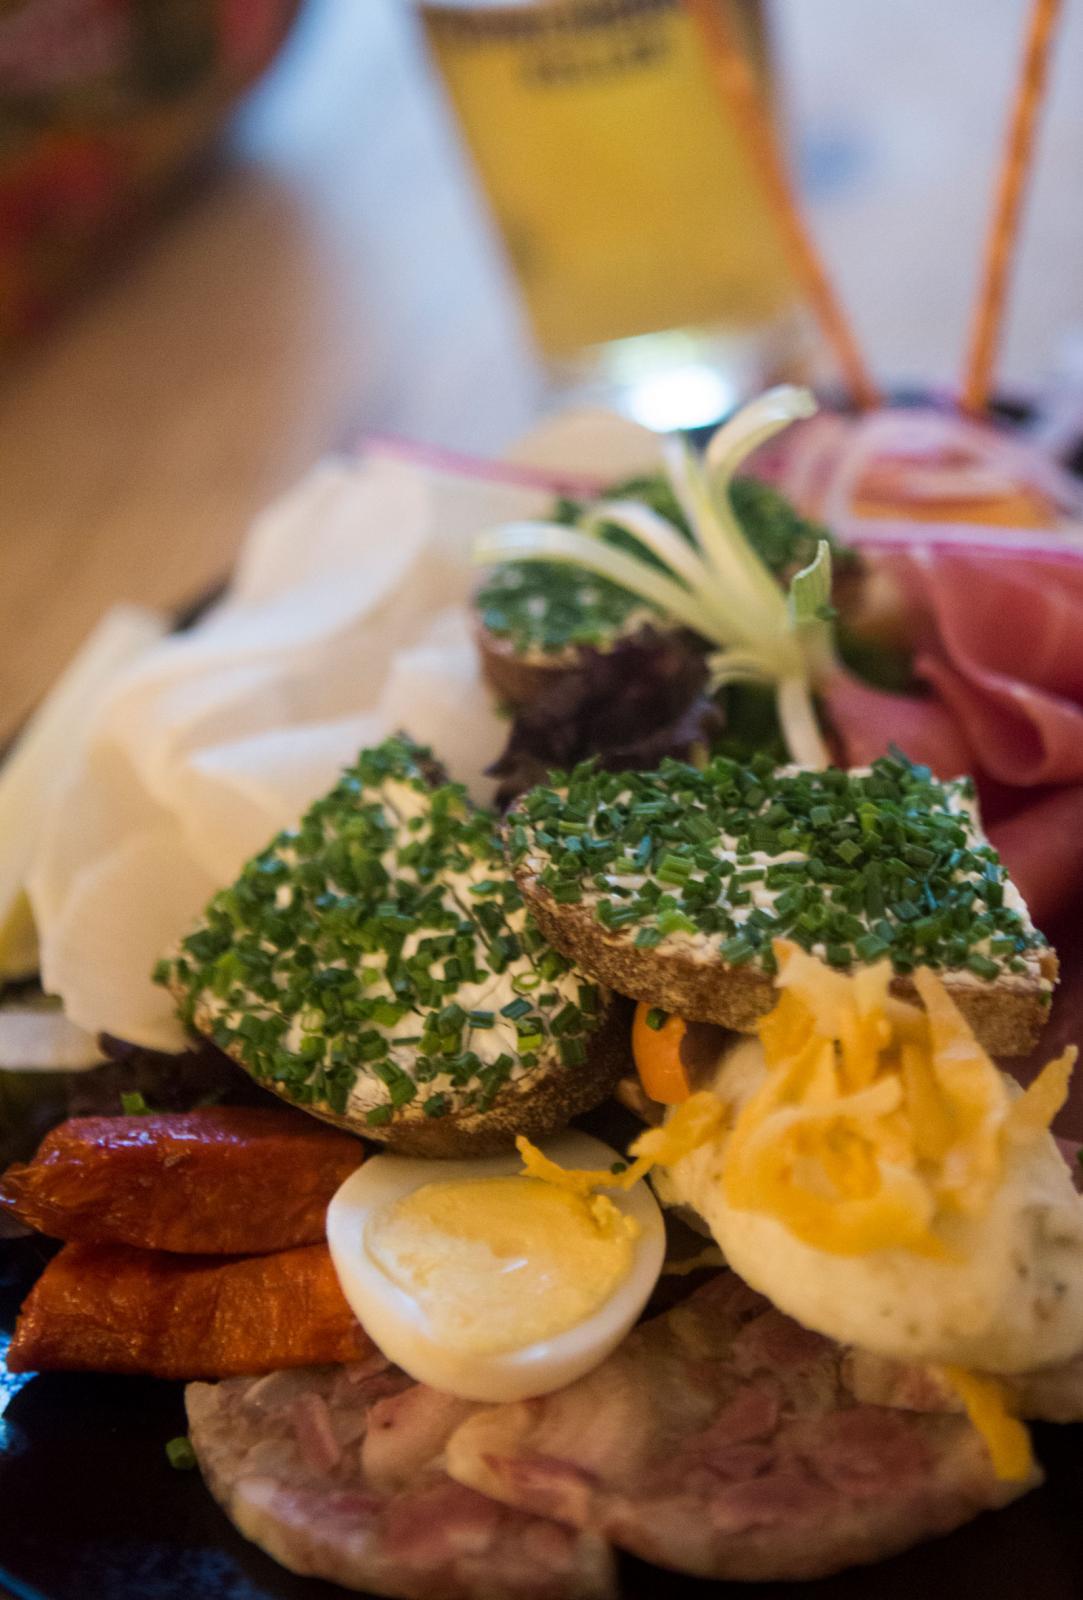 Maten är ofta traditionell och bastant, som här på ett traditionellt värdshus, men många samtida restauranger lockar också matentusiasten.